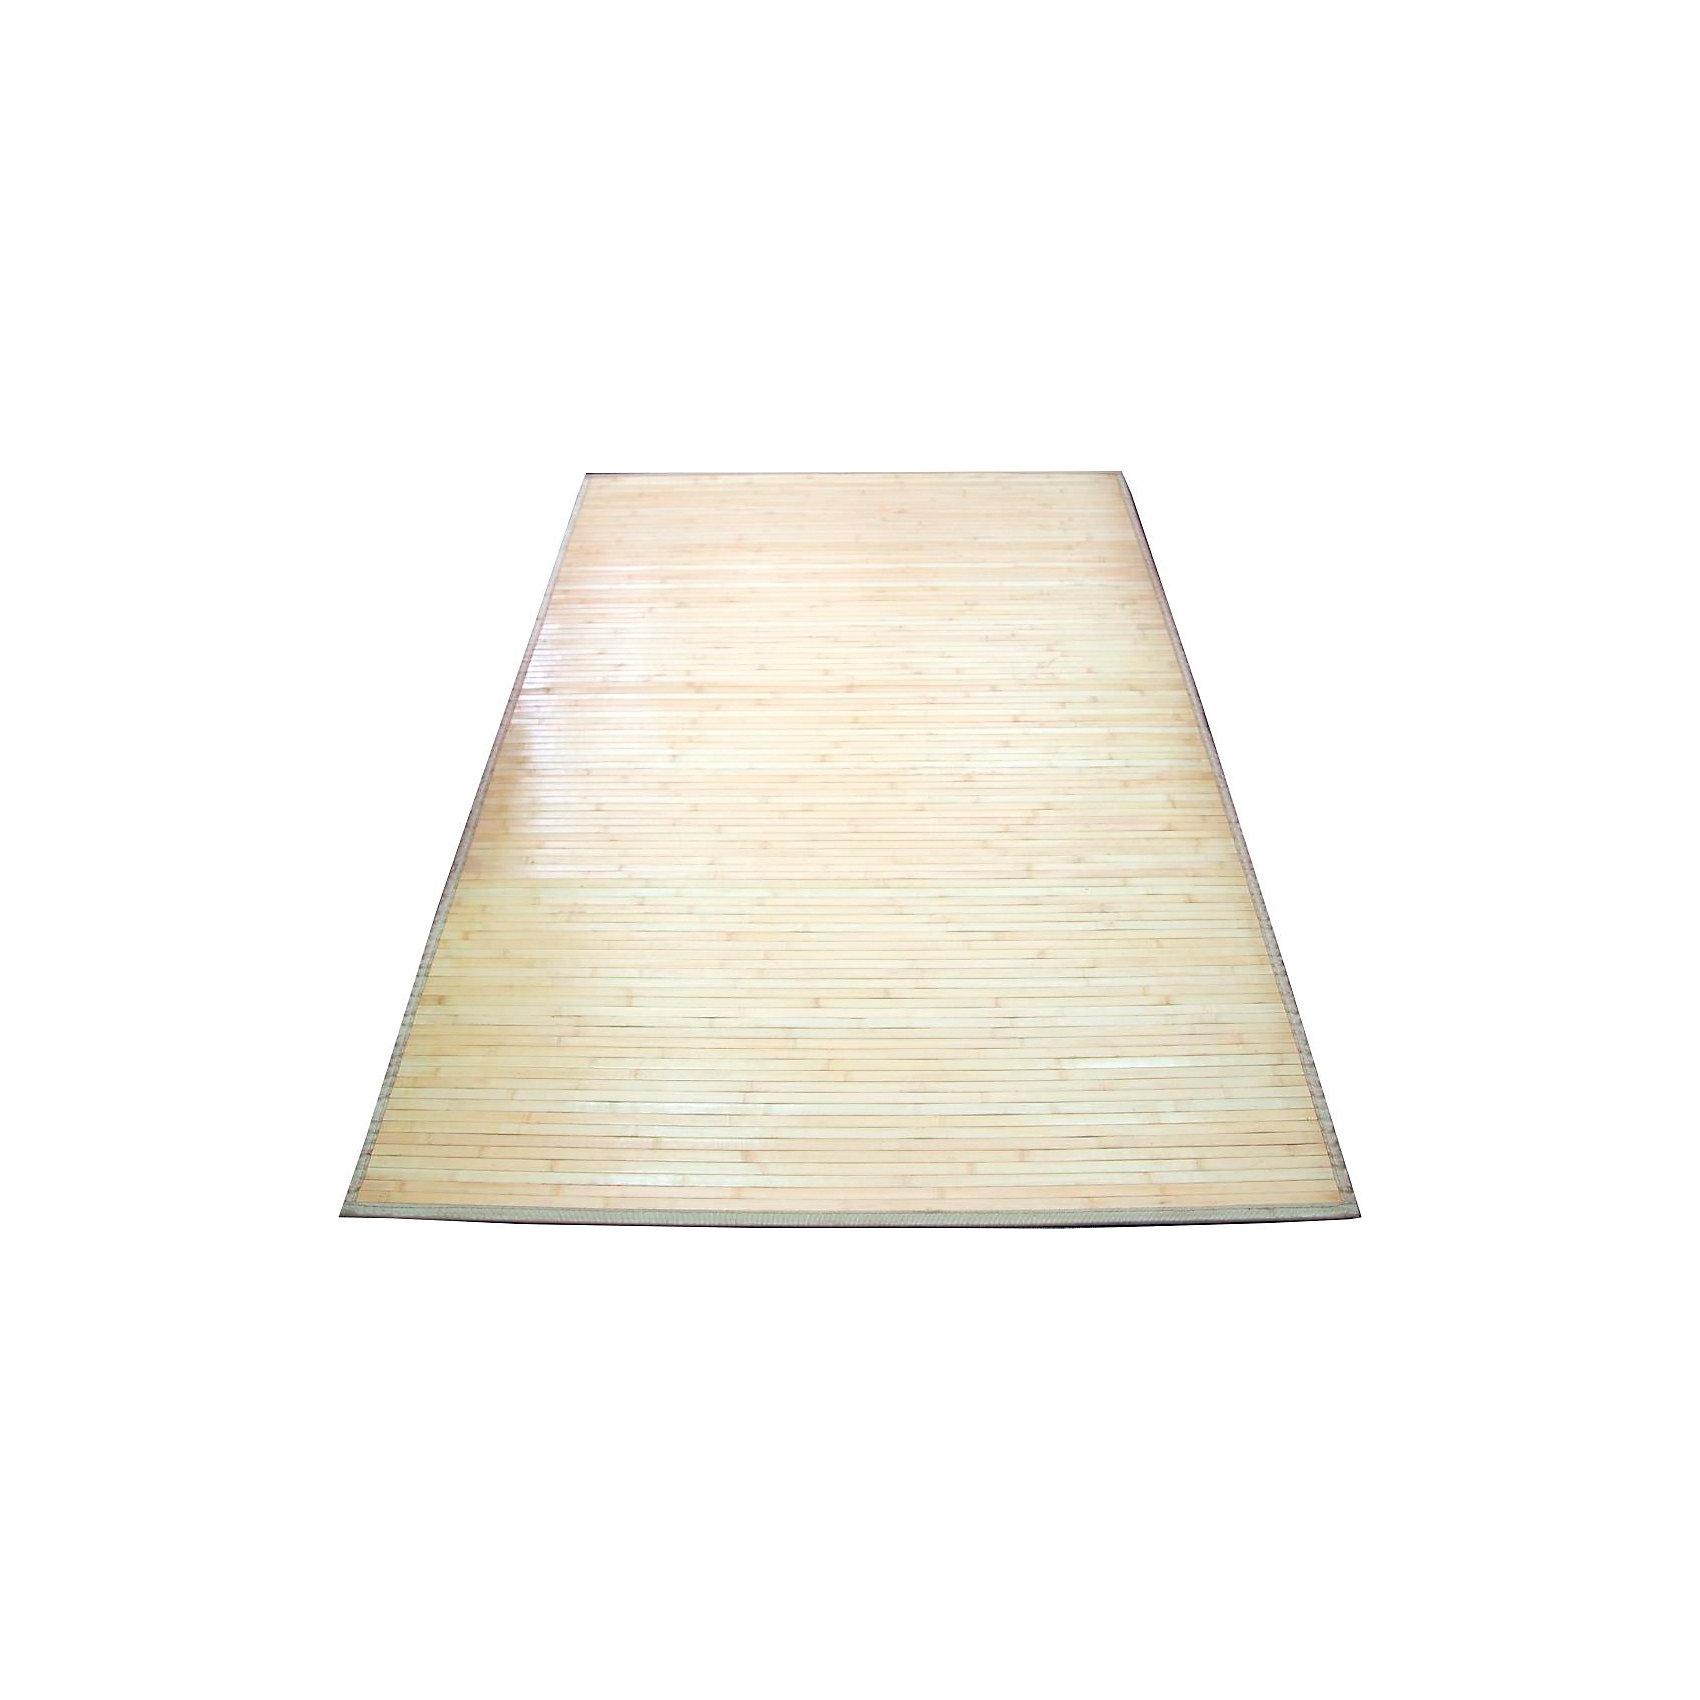 Циновка широкоплашечная 1,2х1,8 бамбук, Amigo, natural